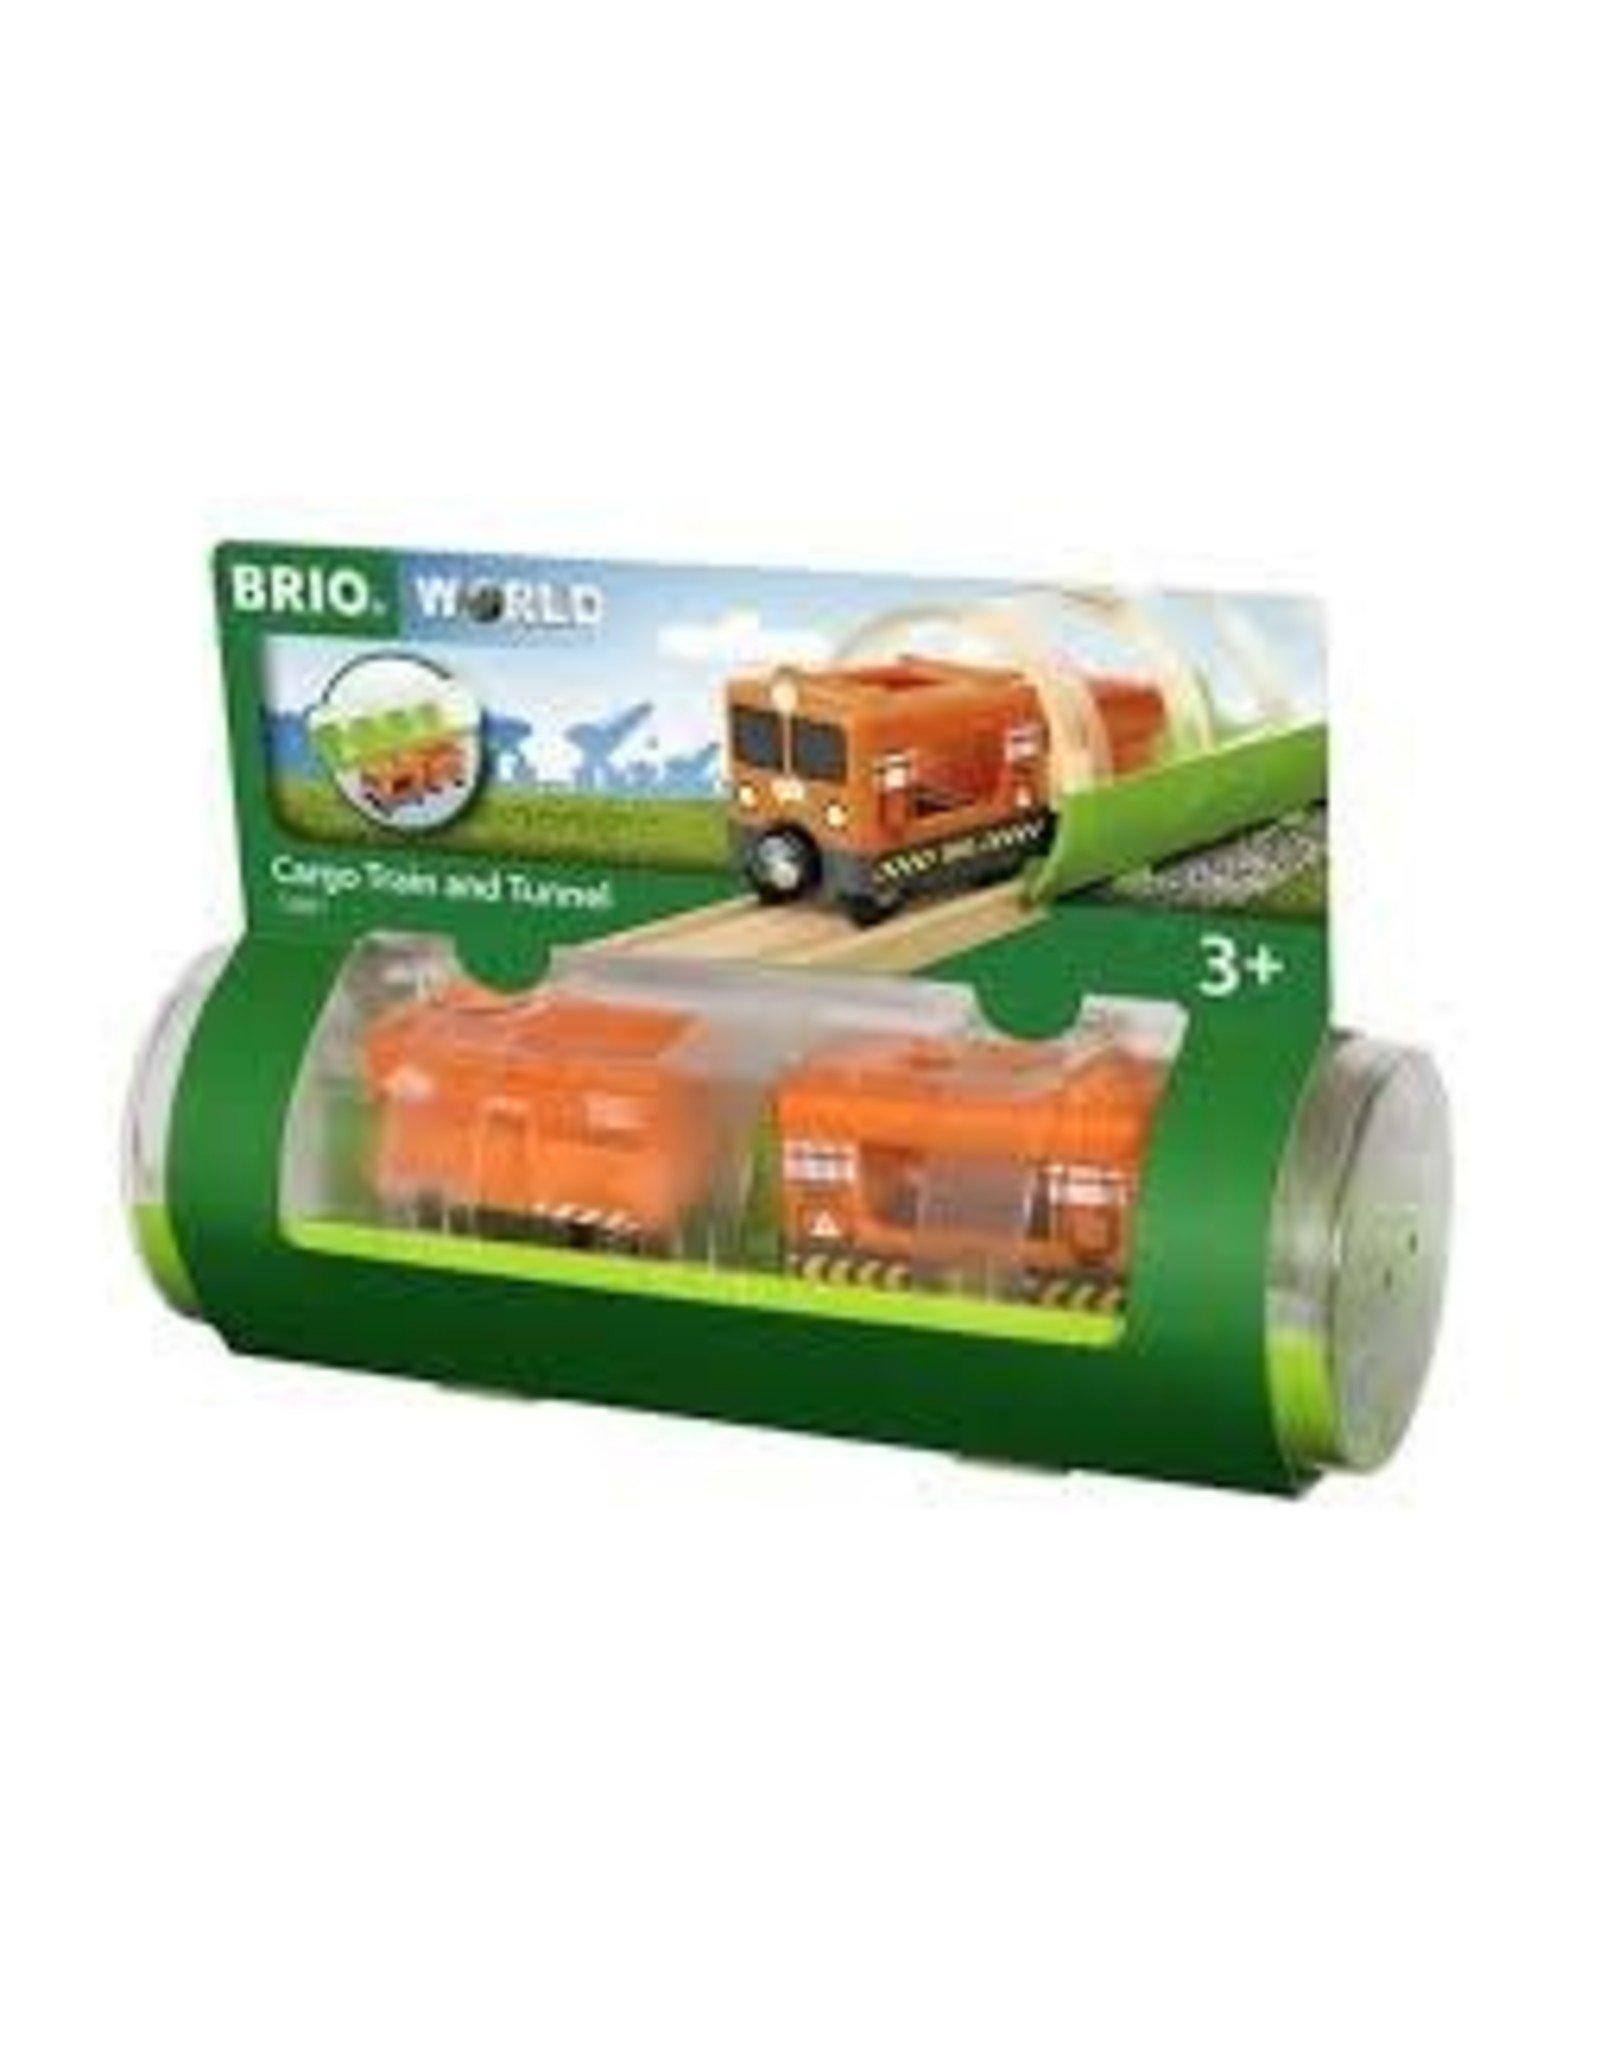 Brio Cargo Train and Tunnel